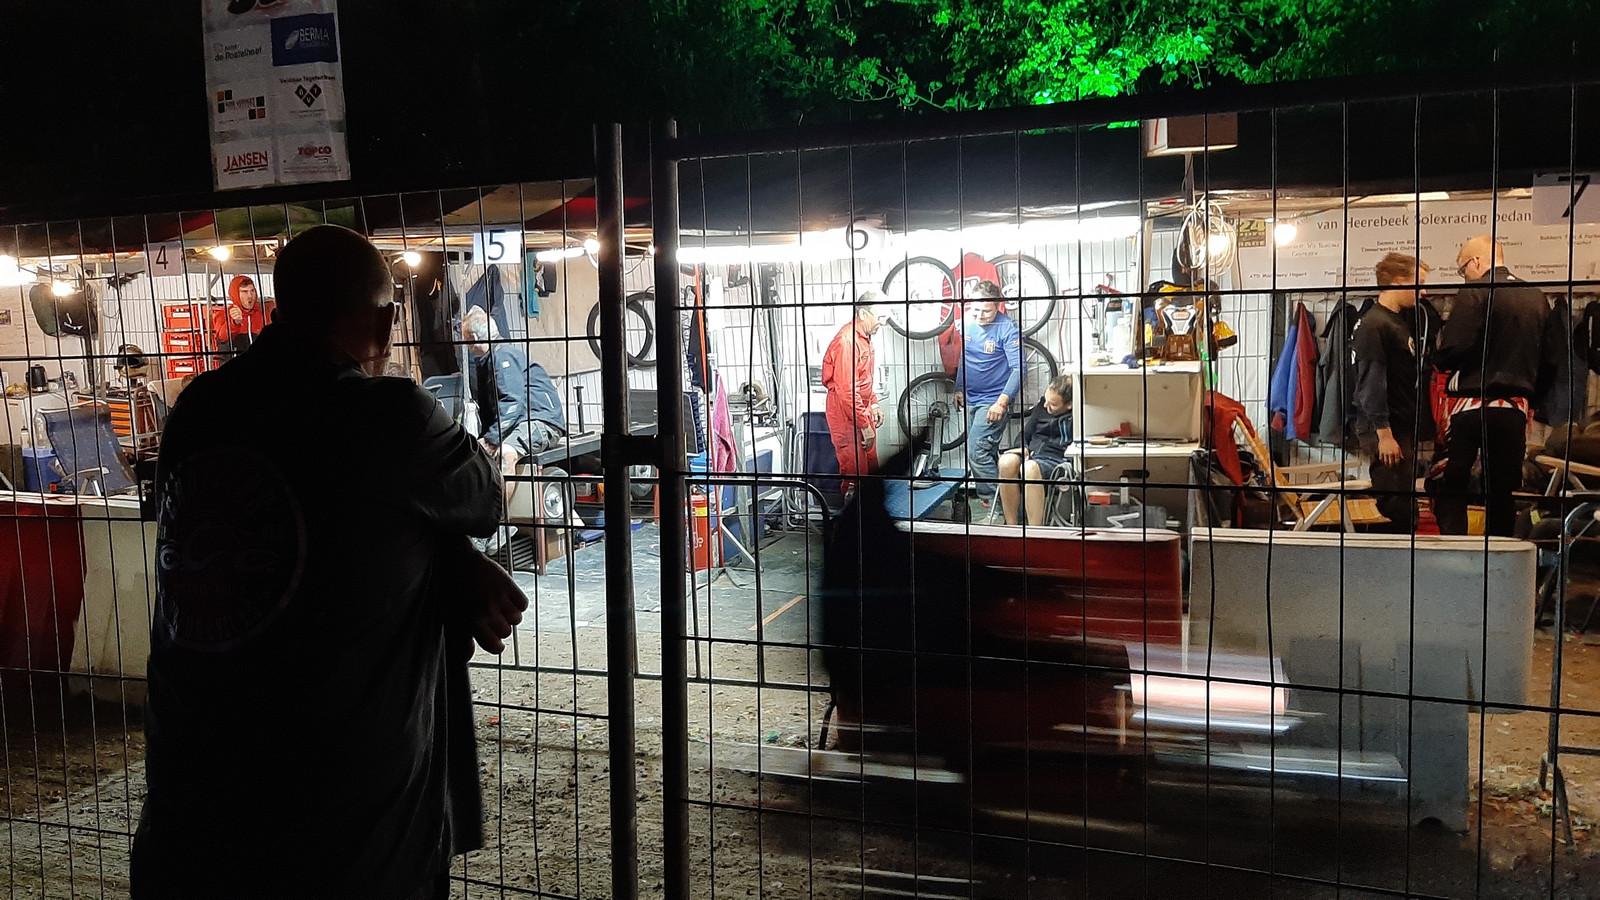 Zaterdagnacht 1 uur: nog een enkele festivalganger hangt tegen het hek bij de pitstraat.